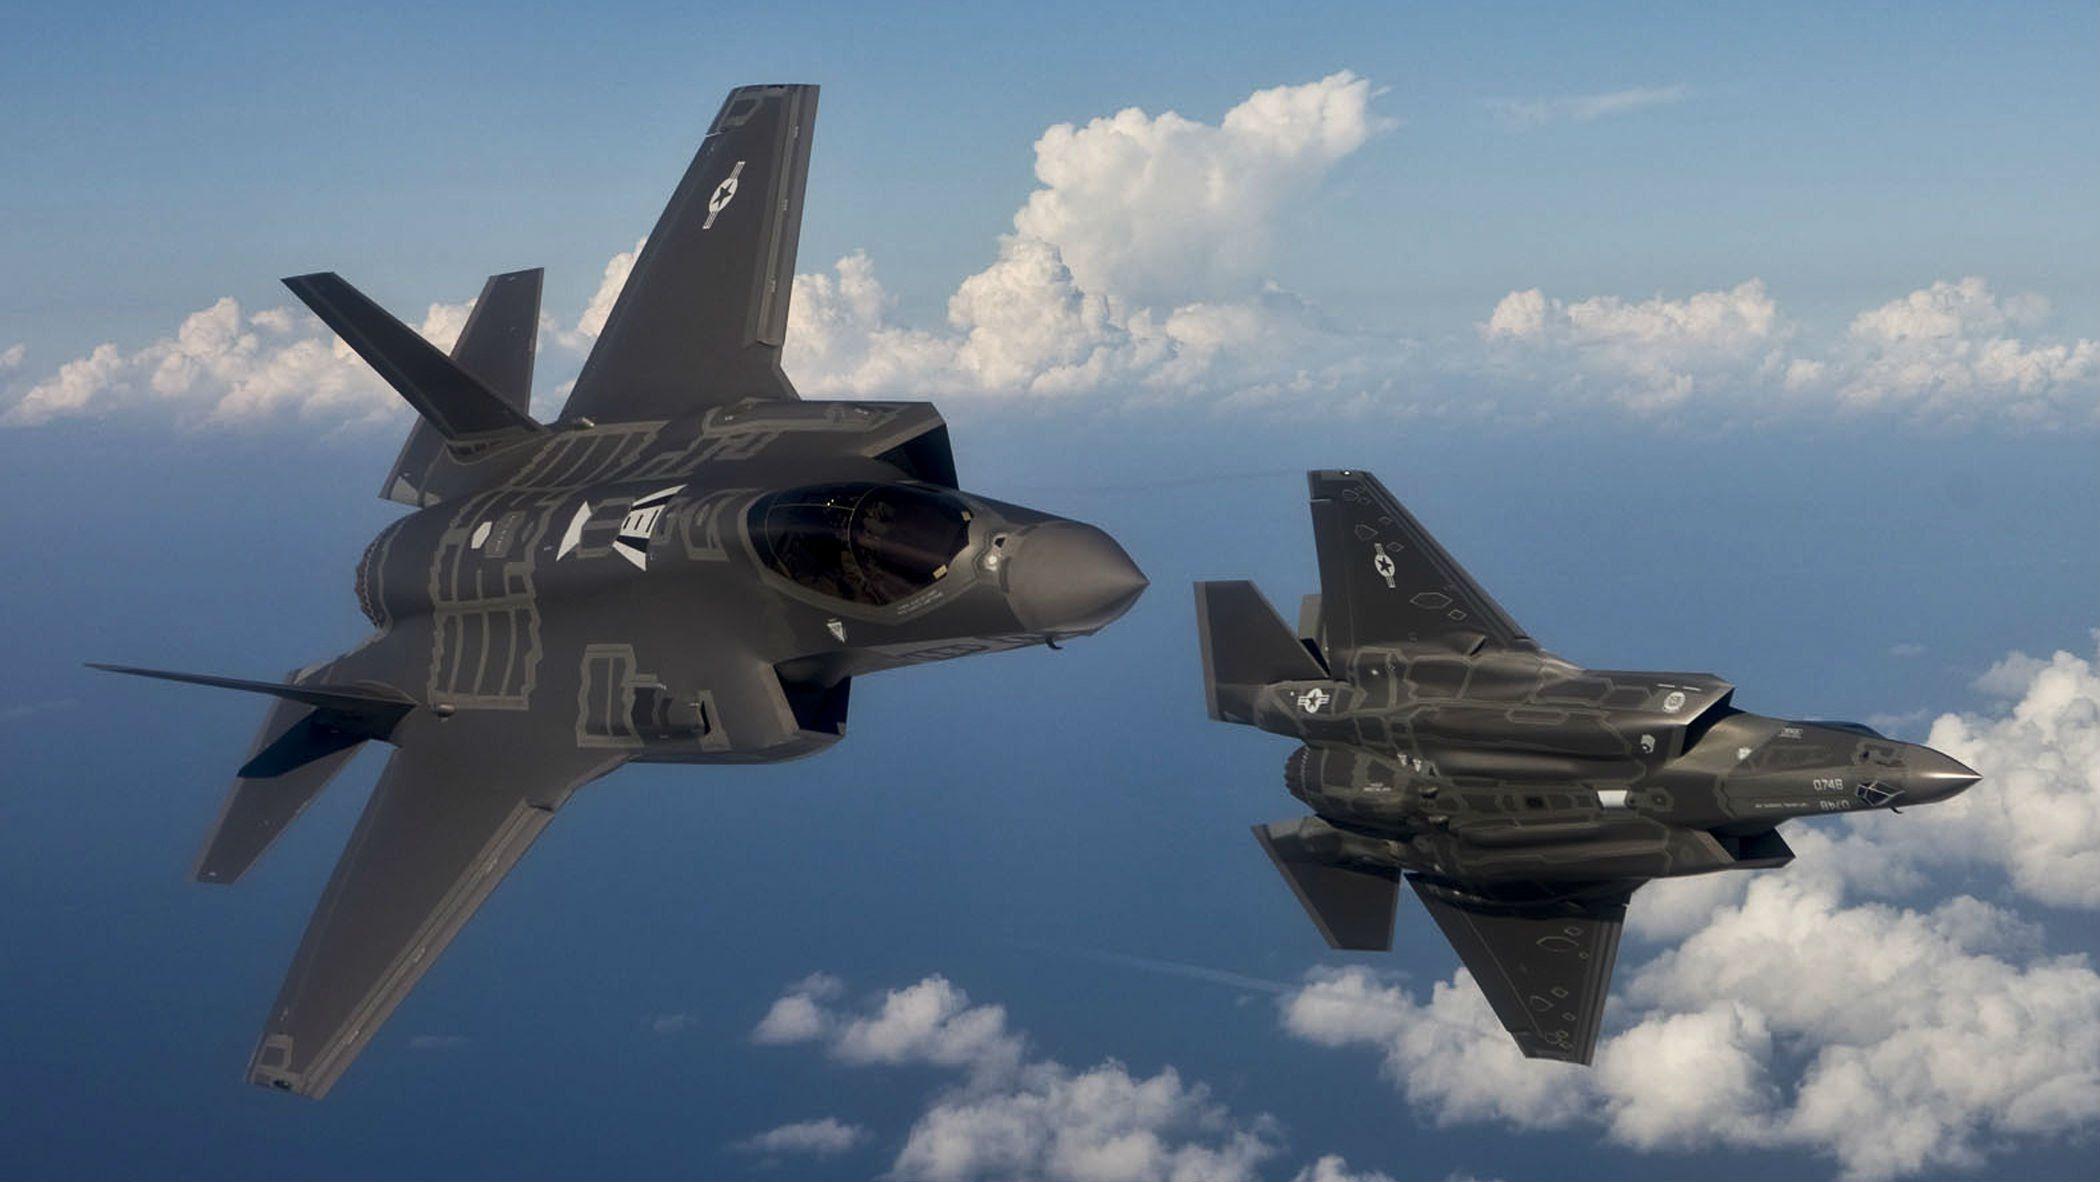 Охотники за новинками - как сверхсекретные самолеты попадали к врагам